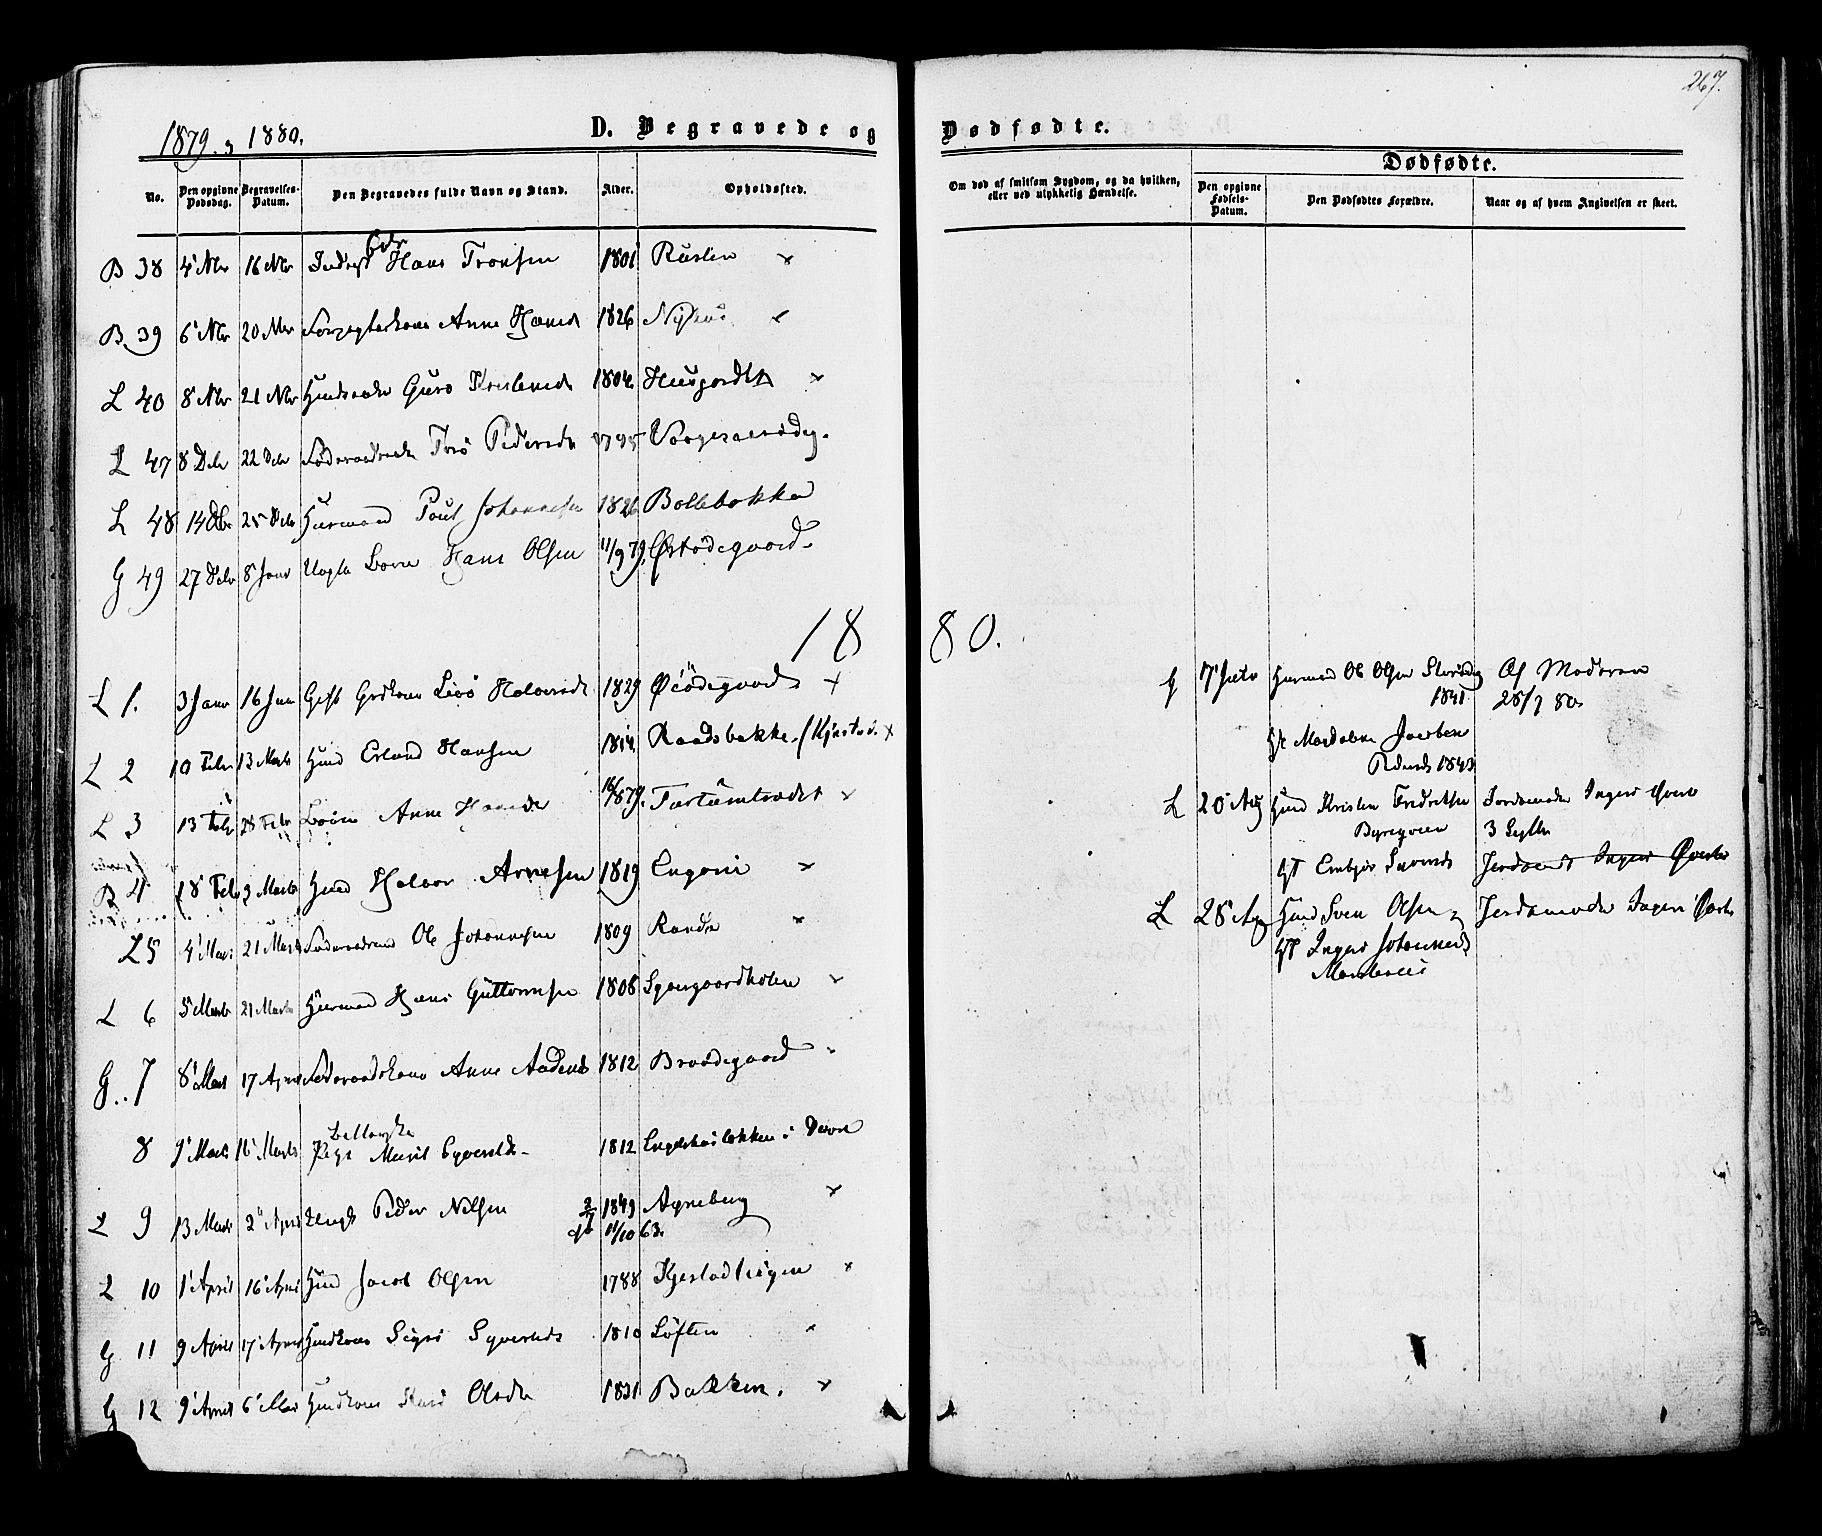 SAH, Lom prestekontor, K/L0007: Ministerialbok nr. 7, 1863-1884, s. 267